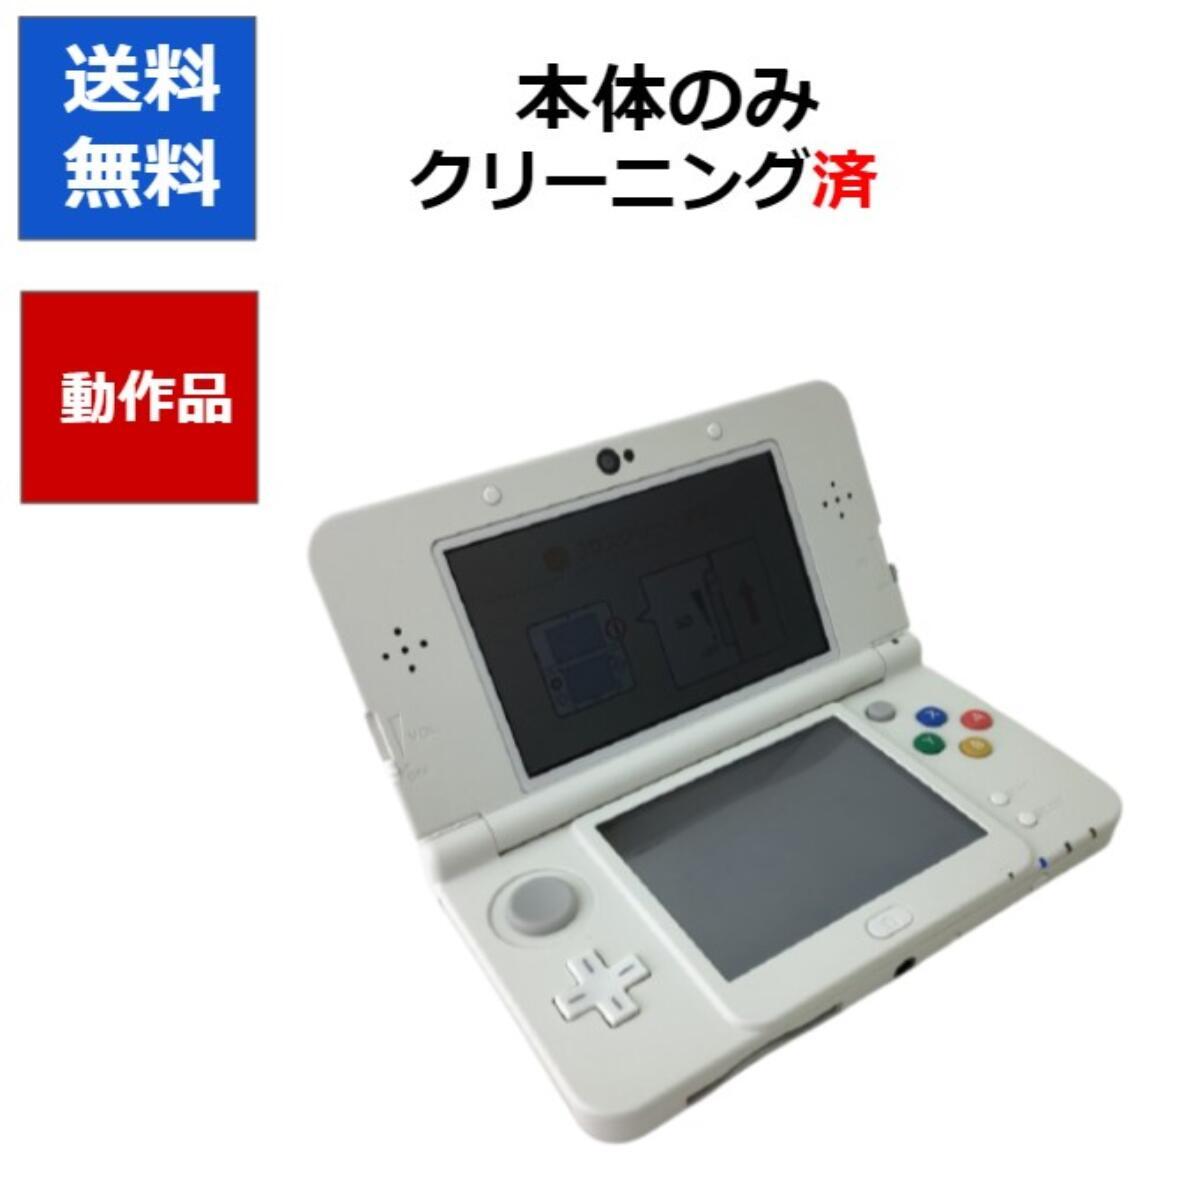 送料無料 入荷予定 New3DS 本体のみ ホワイト DS 中古 送料0円 ニンテンドー 任天堂